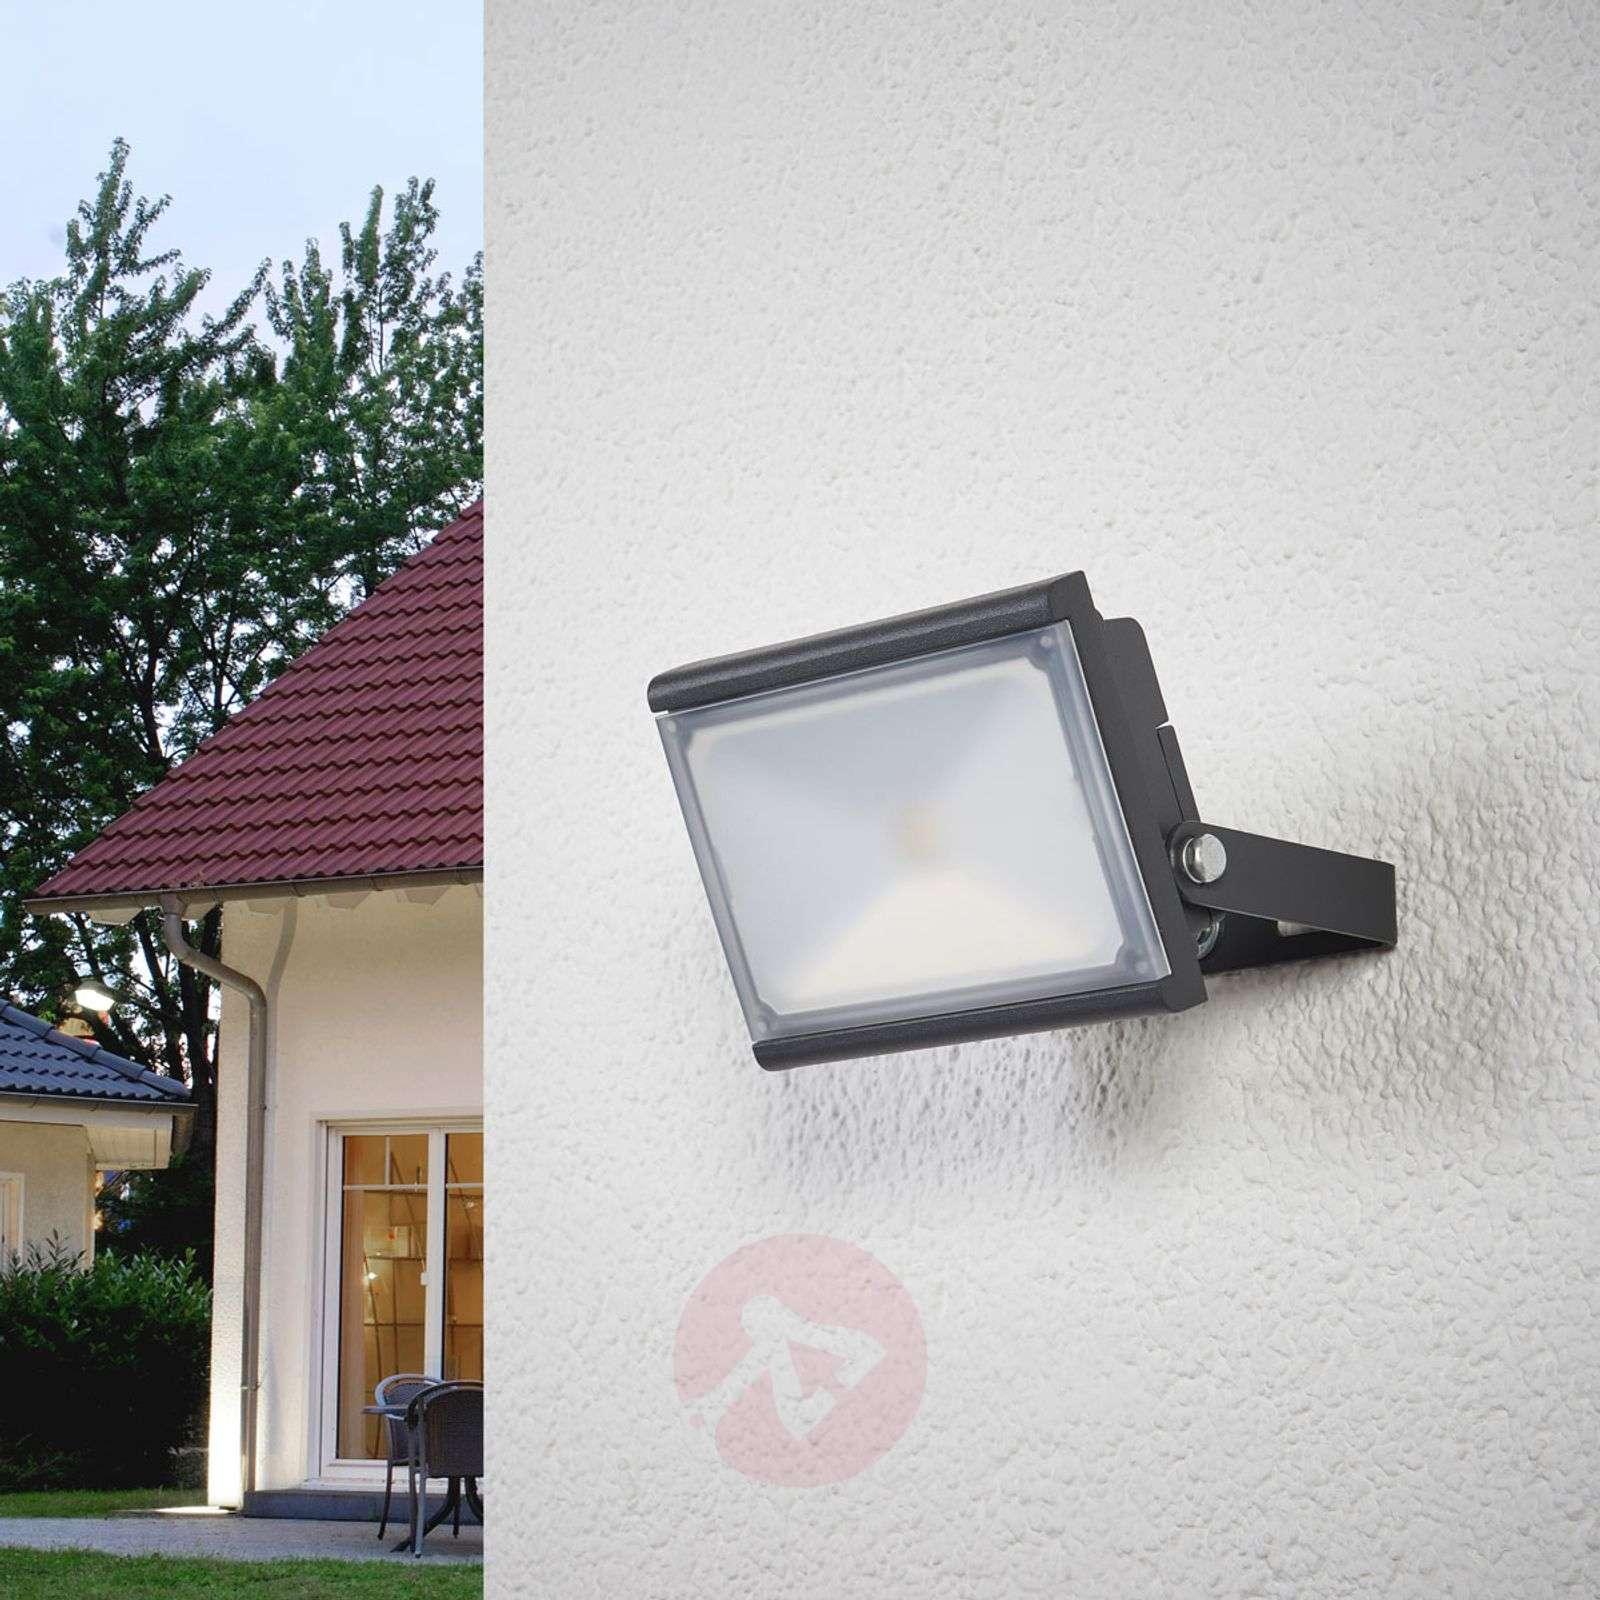 LED spotlight for outdoors-4018058-03